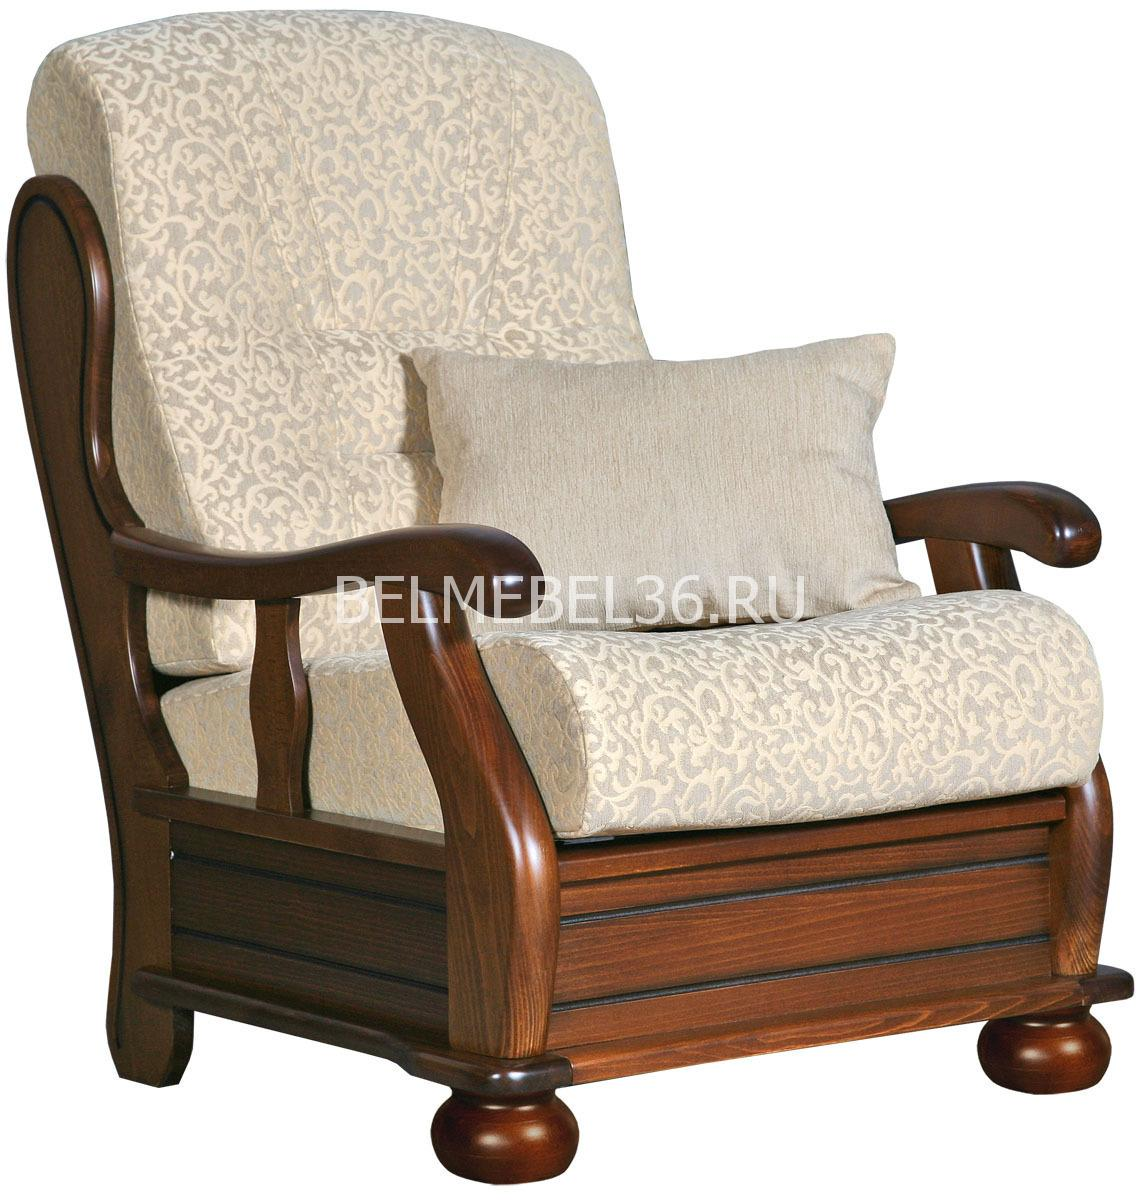 Кресло Прадо (12) П-Д123 | Белорусская мебель в Воронеже